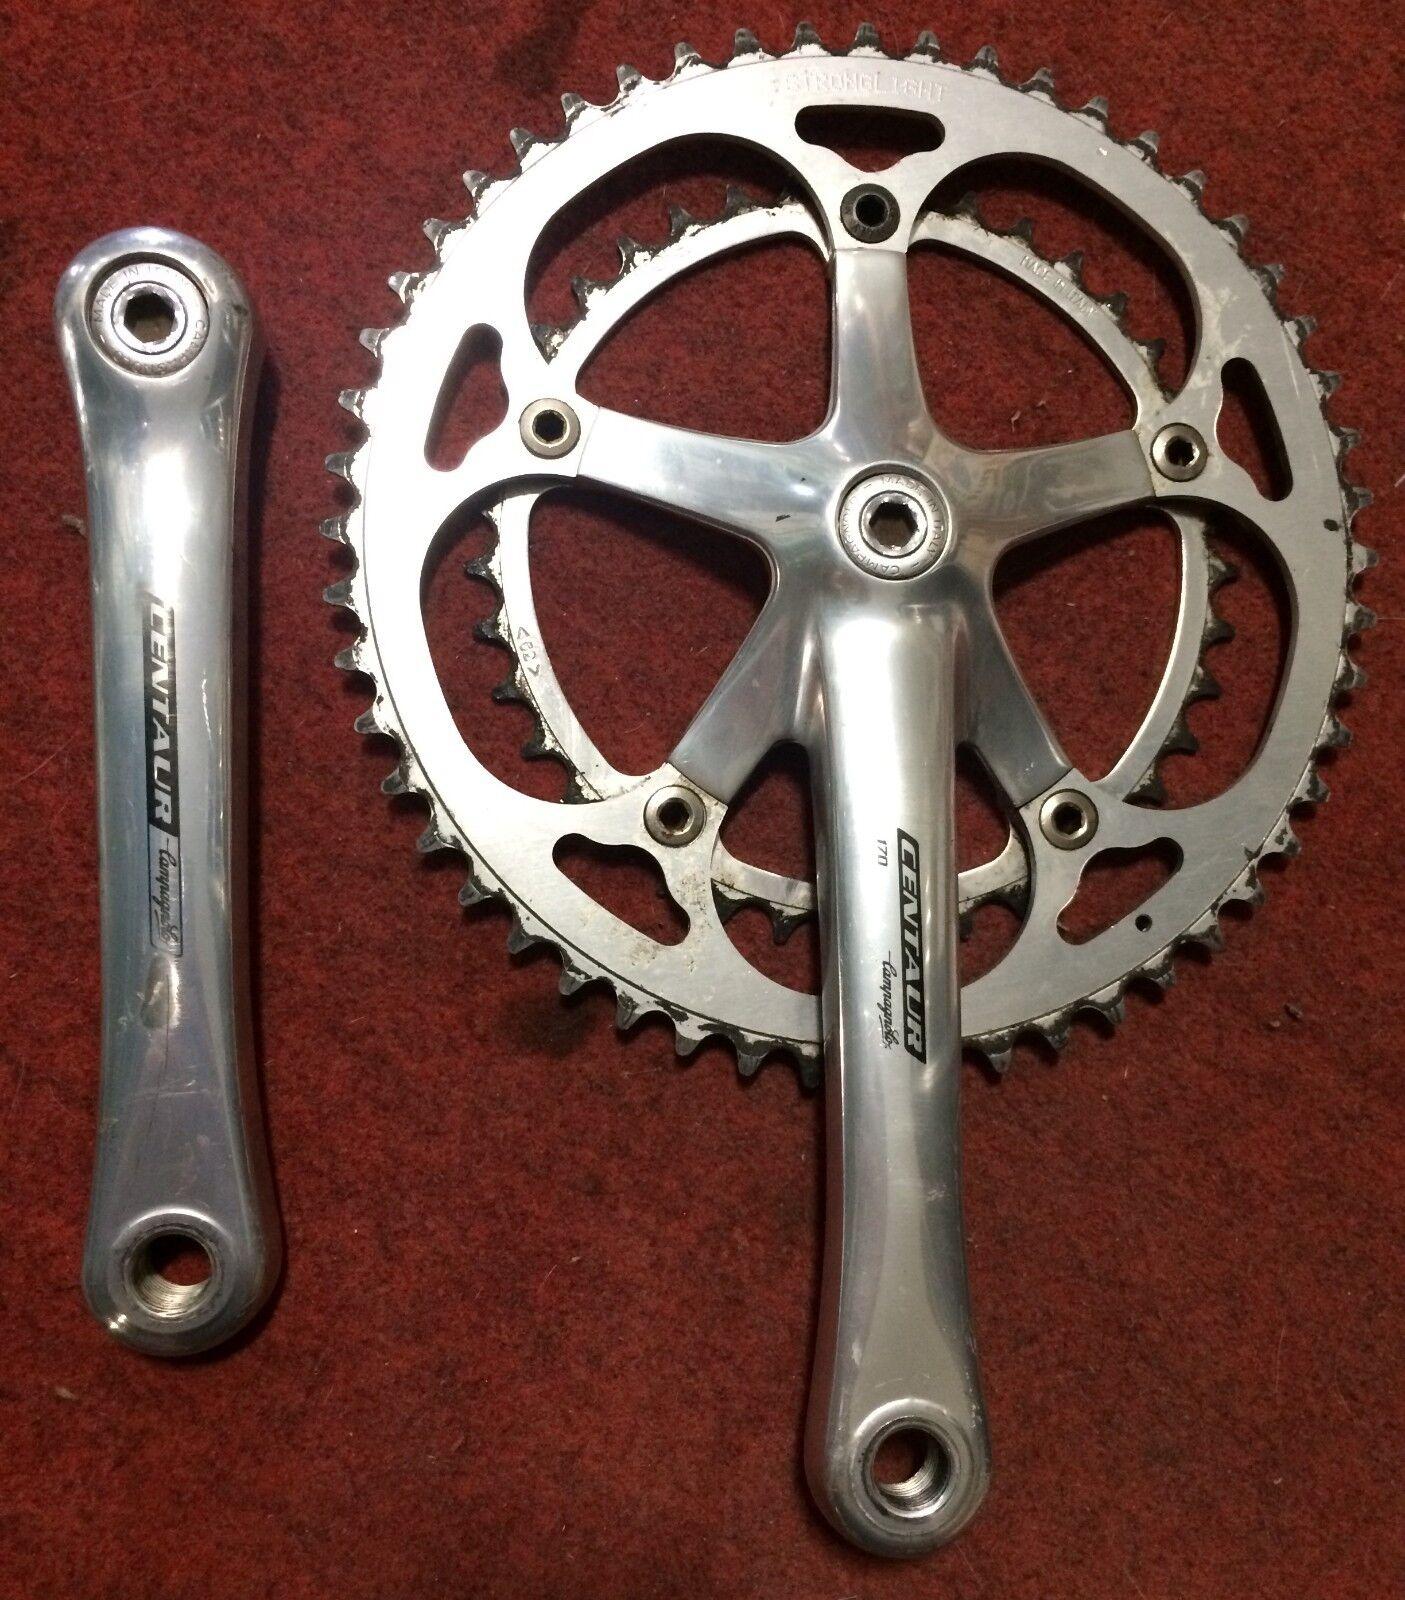 Guarnitura Bici Campagnolo Centaur 9 speed 170 52 39 Miche bike crankset